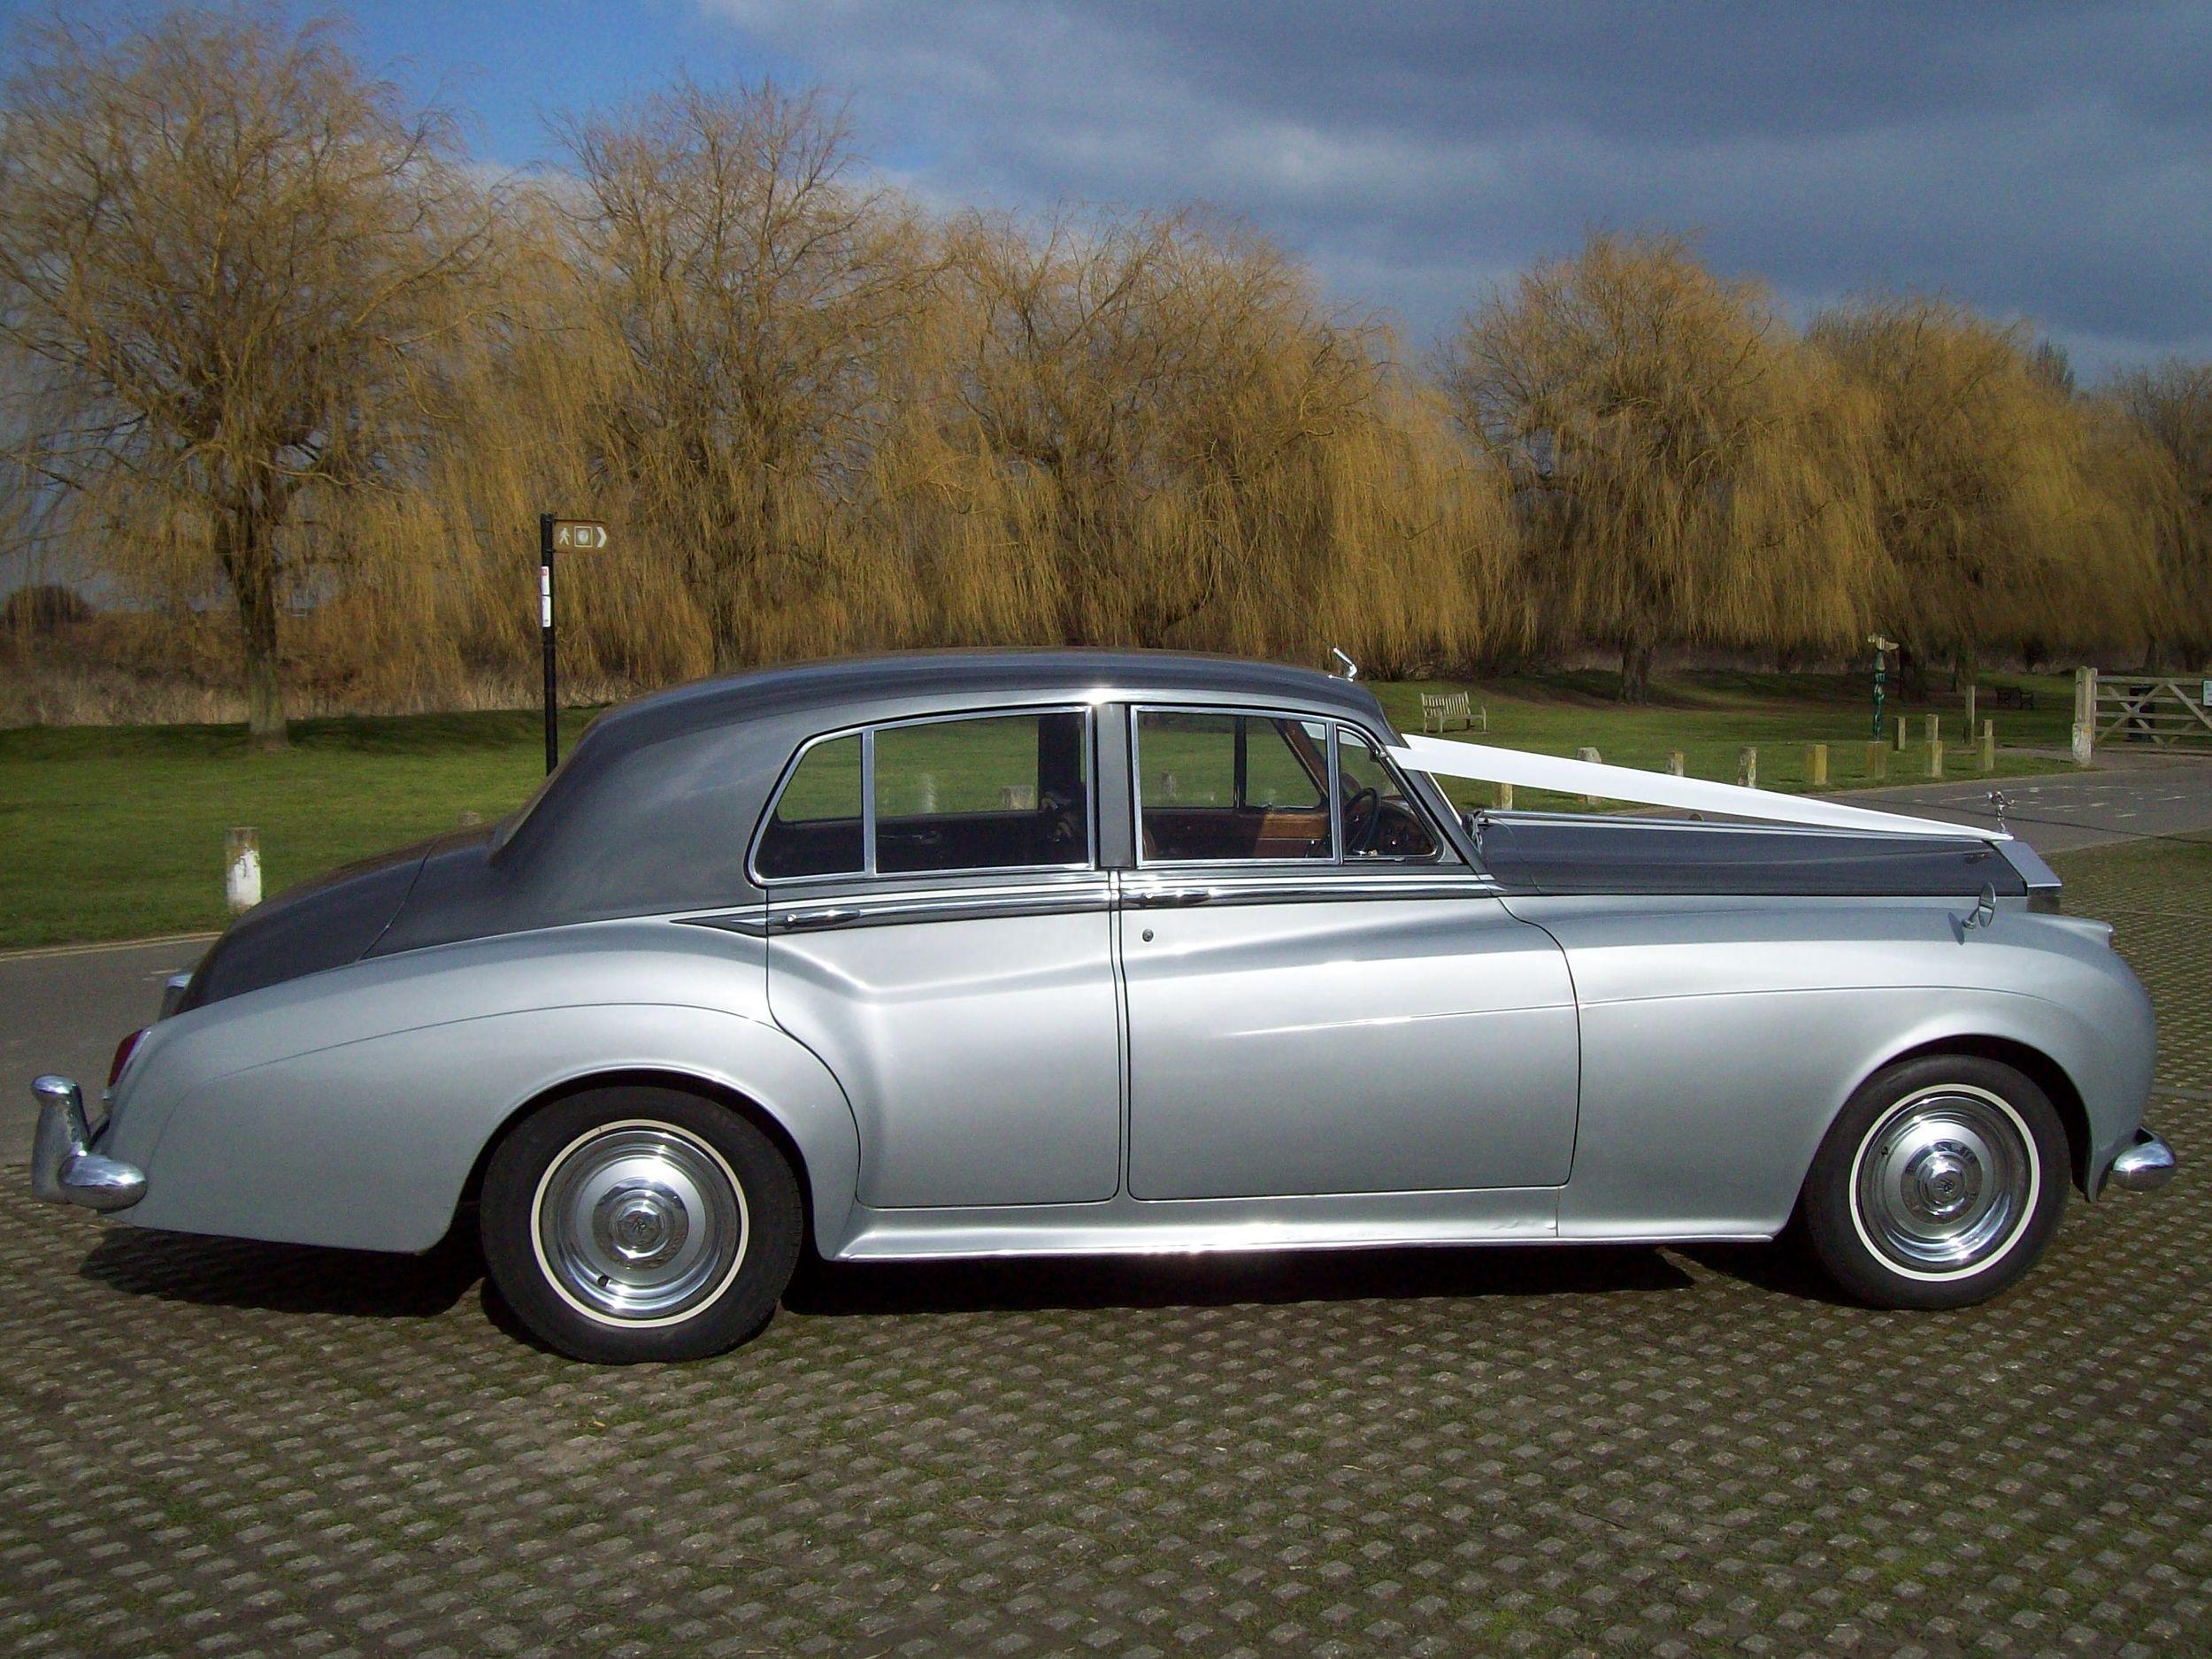 Rolls Royce Silver Cloud Mk1